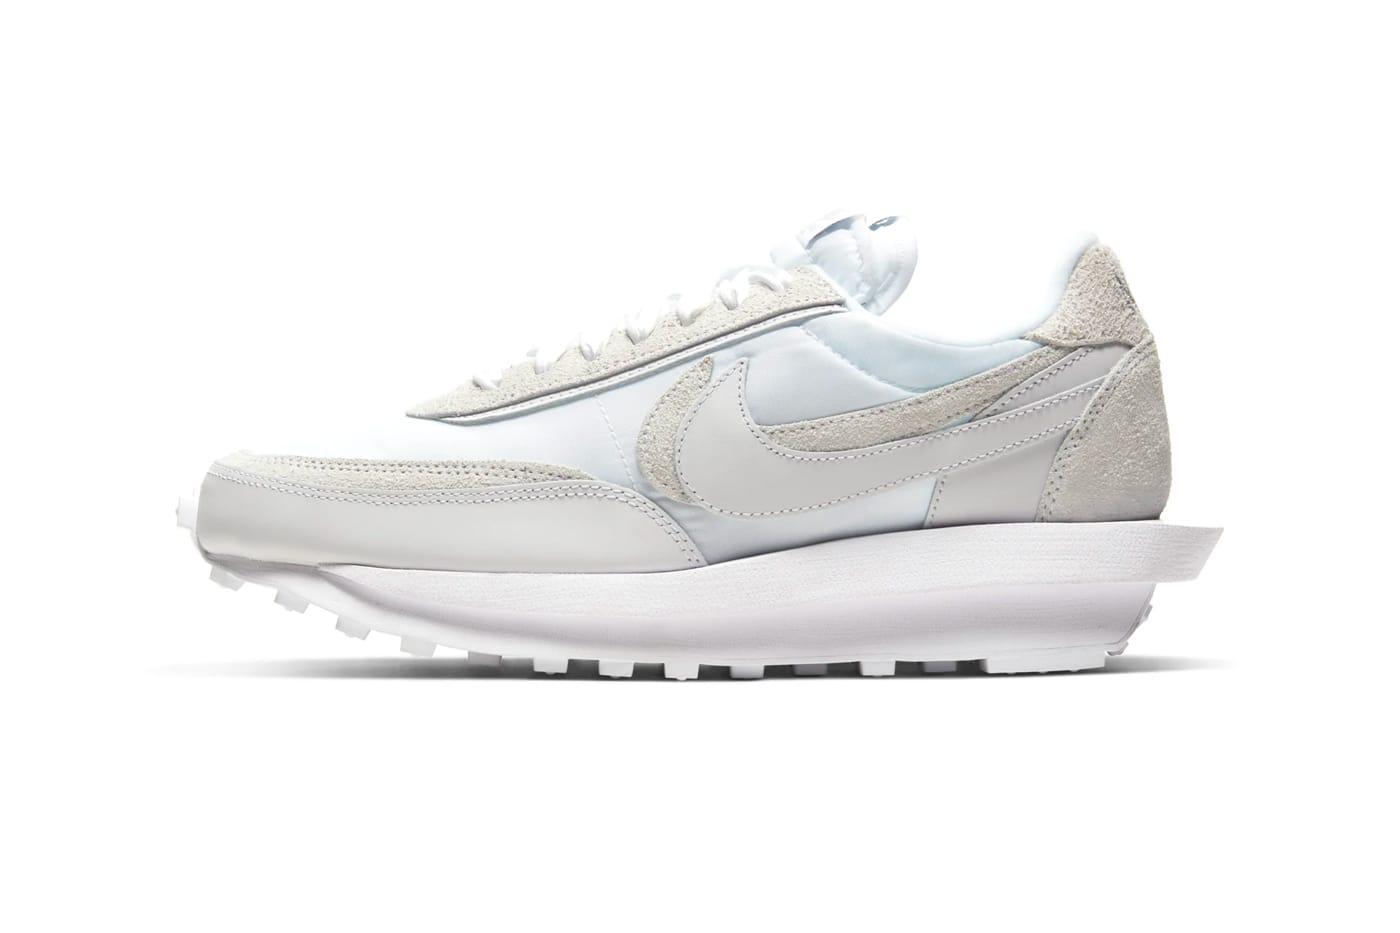 sacai x Nike LDV Waffle \